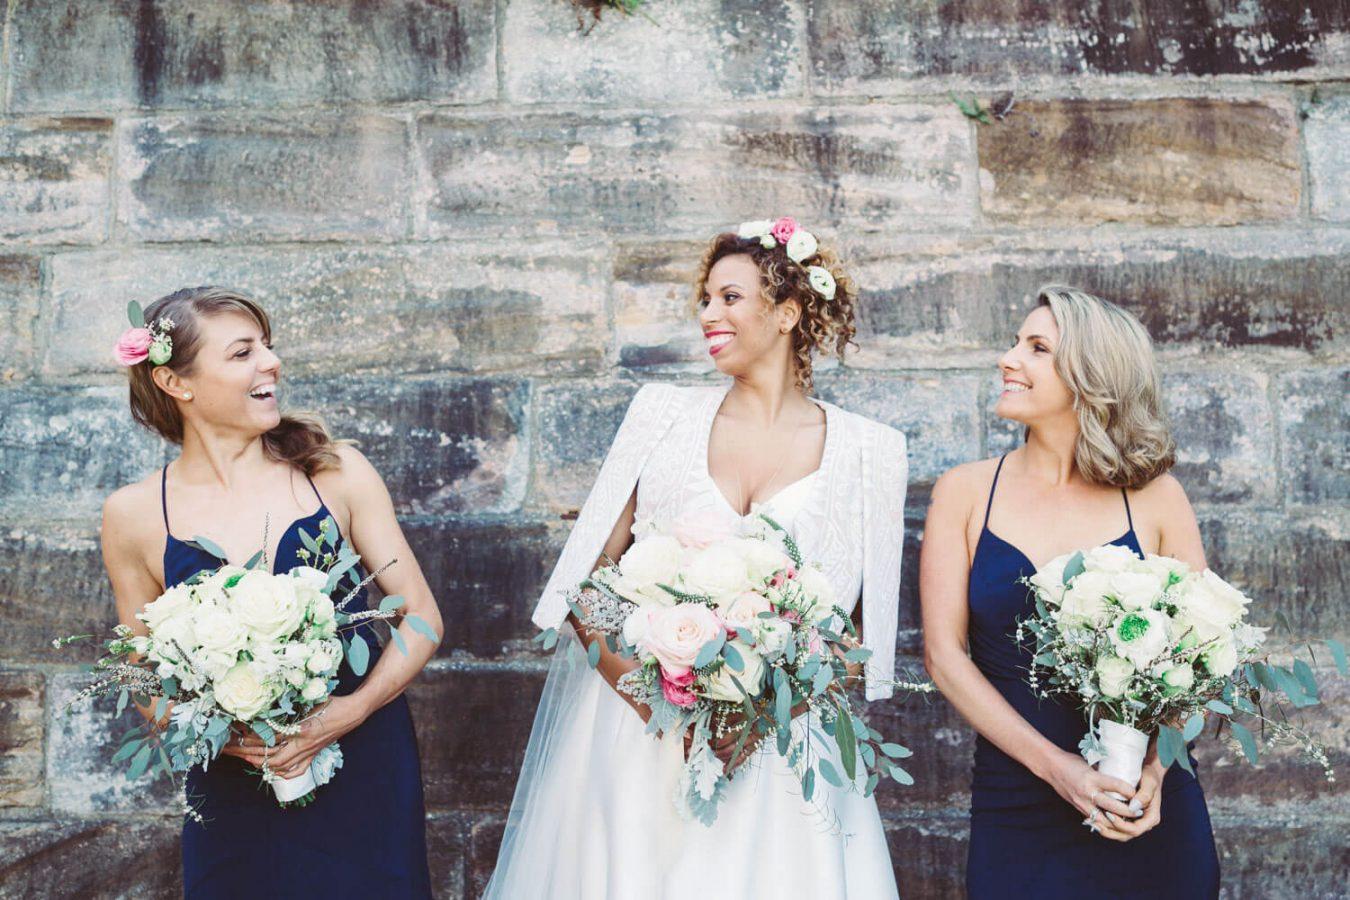 lela_rob_wedding_kat_rollings-0342